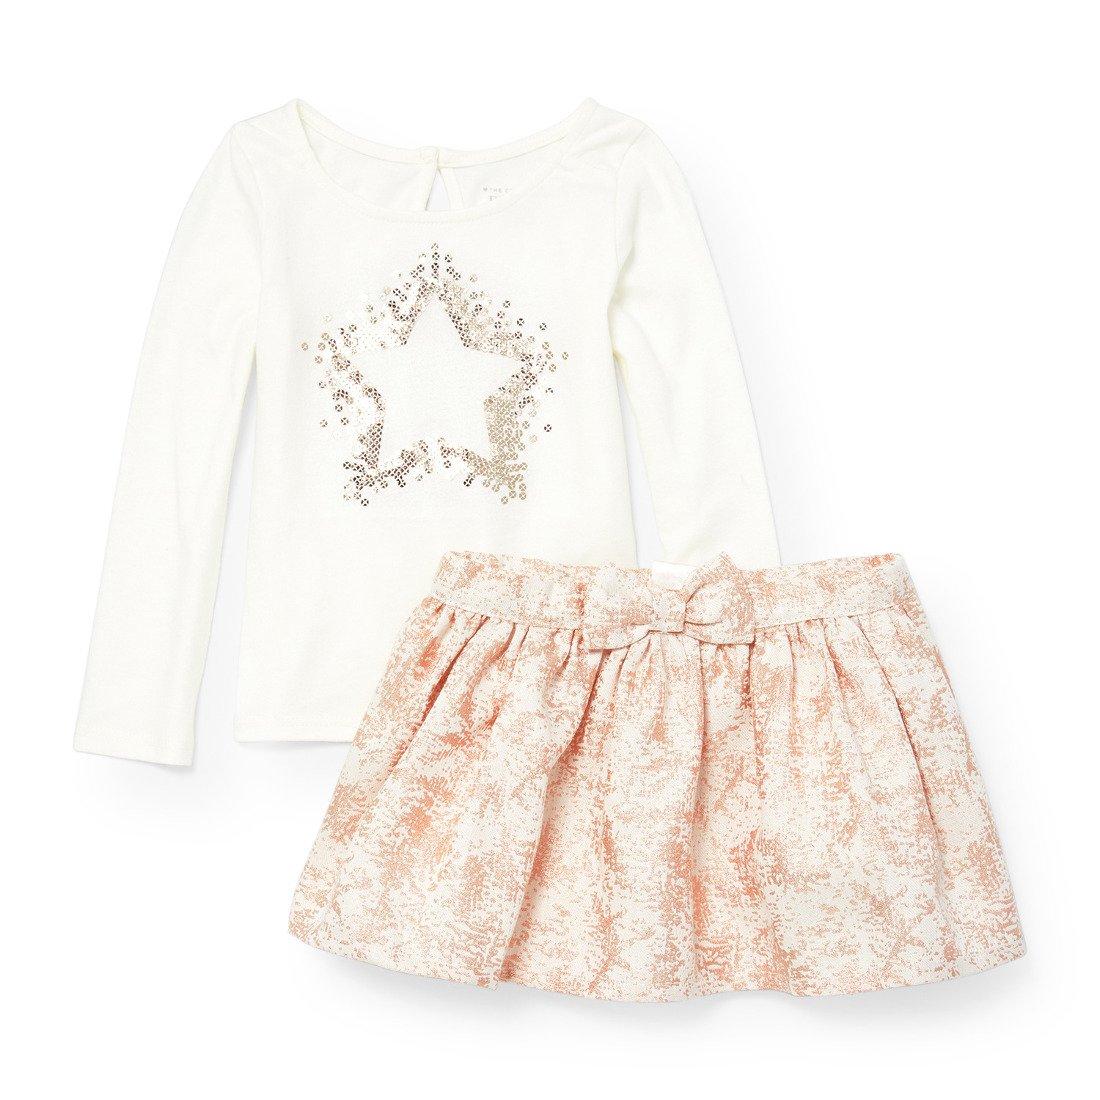 都内で The Children ホワイト 's 's placegirls 'トップとスカートセット カラー: placegirls ホワイト B072177N4C, 指宿特産品公式モール:e5be2e4a --- quiltersinfo.yarnslave.com